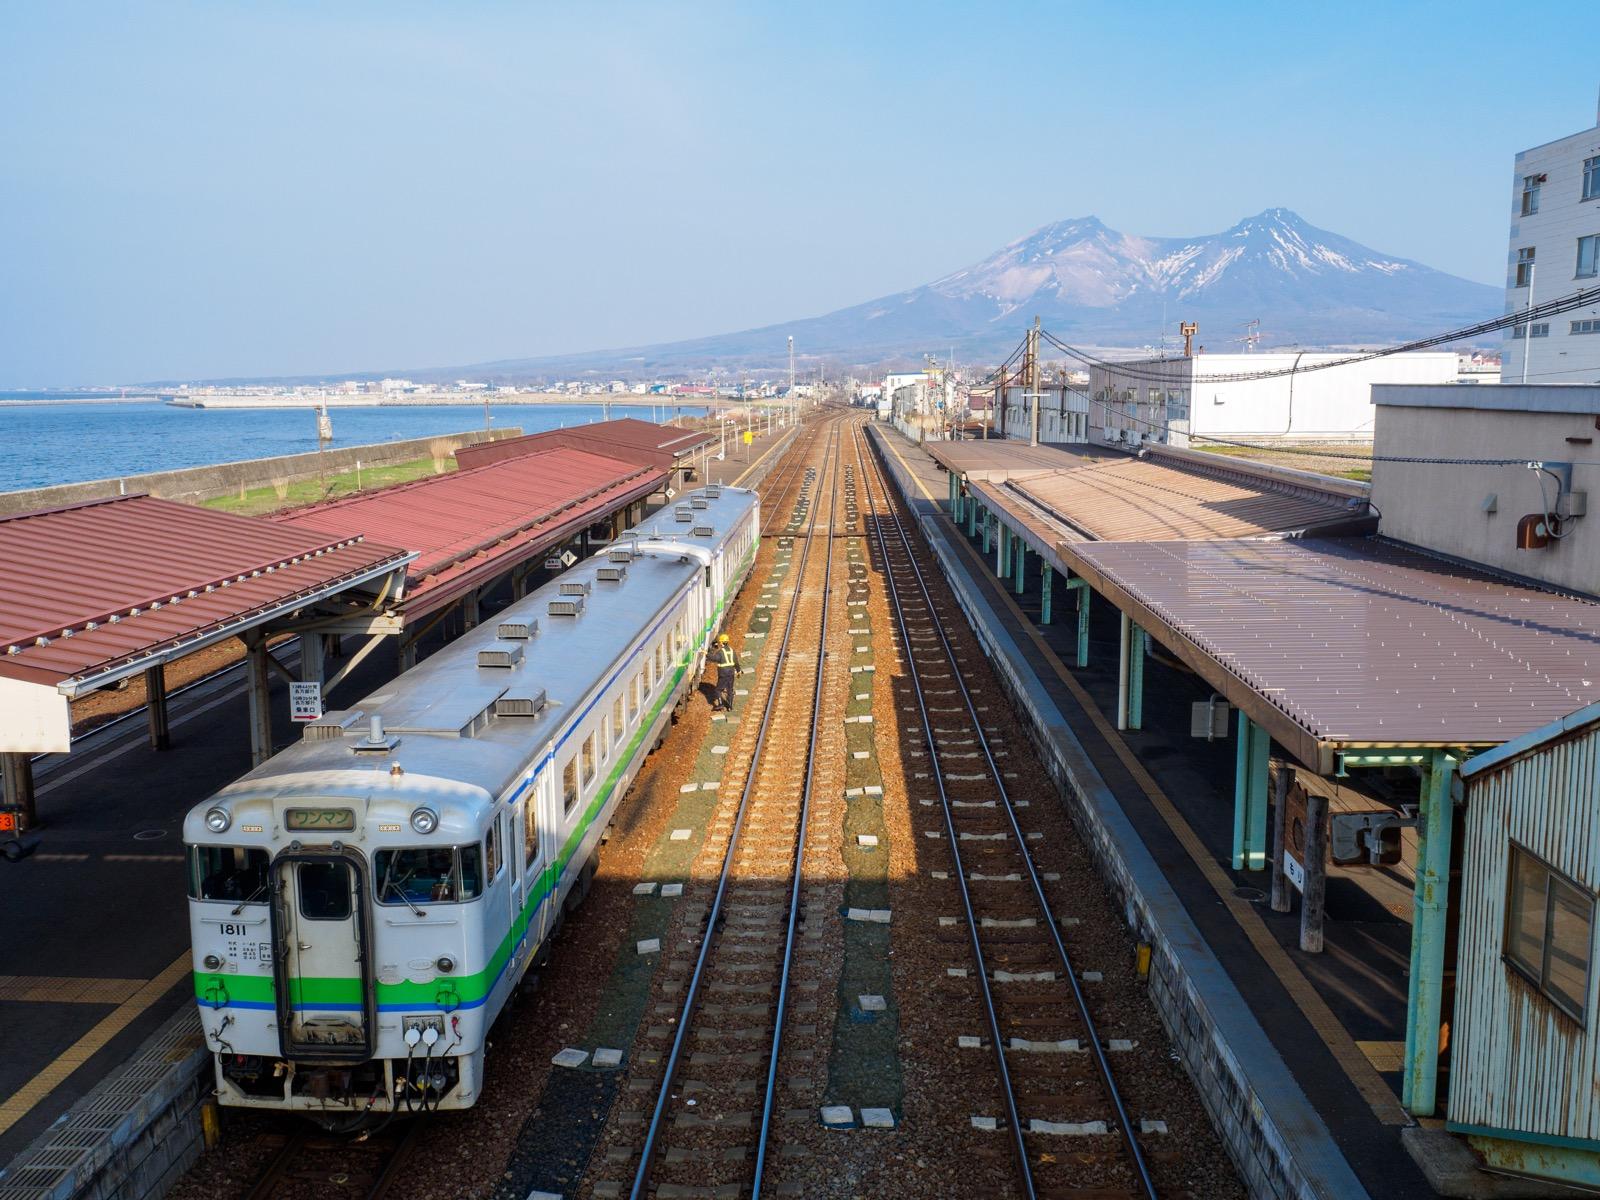 森駅の跨線橋から見た噴火湾(内浦湾)と北海道駒ヶ岳